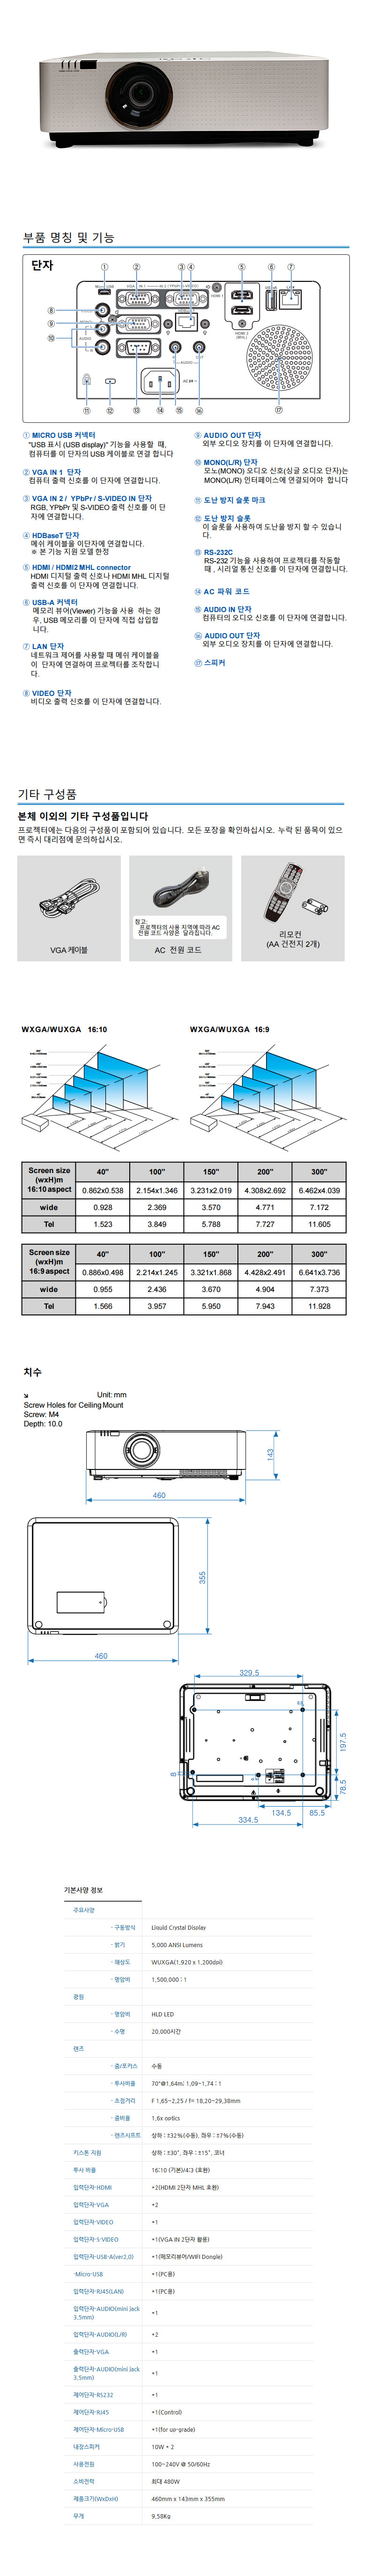 캐논 CLP-L459U WUXGA 1920X1200 5000안시 상하좌우키스톤 코너키스톤 곡선보정 고사양 프로젝터